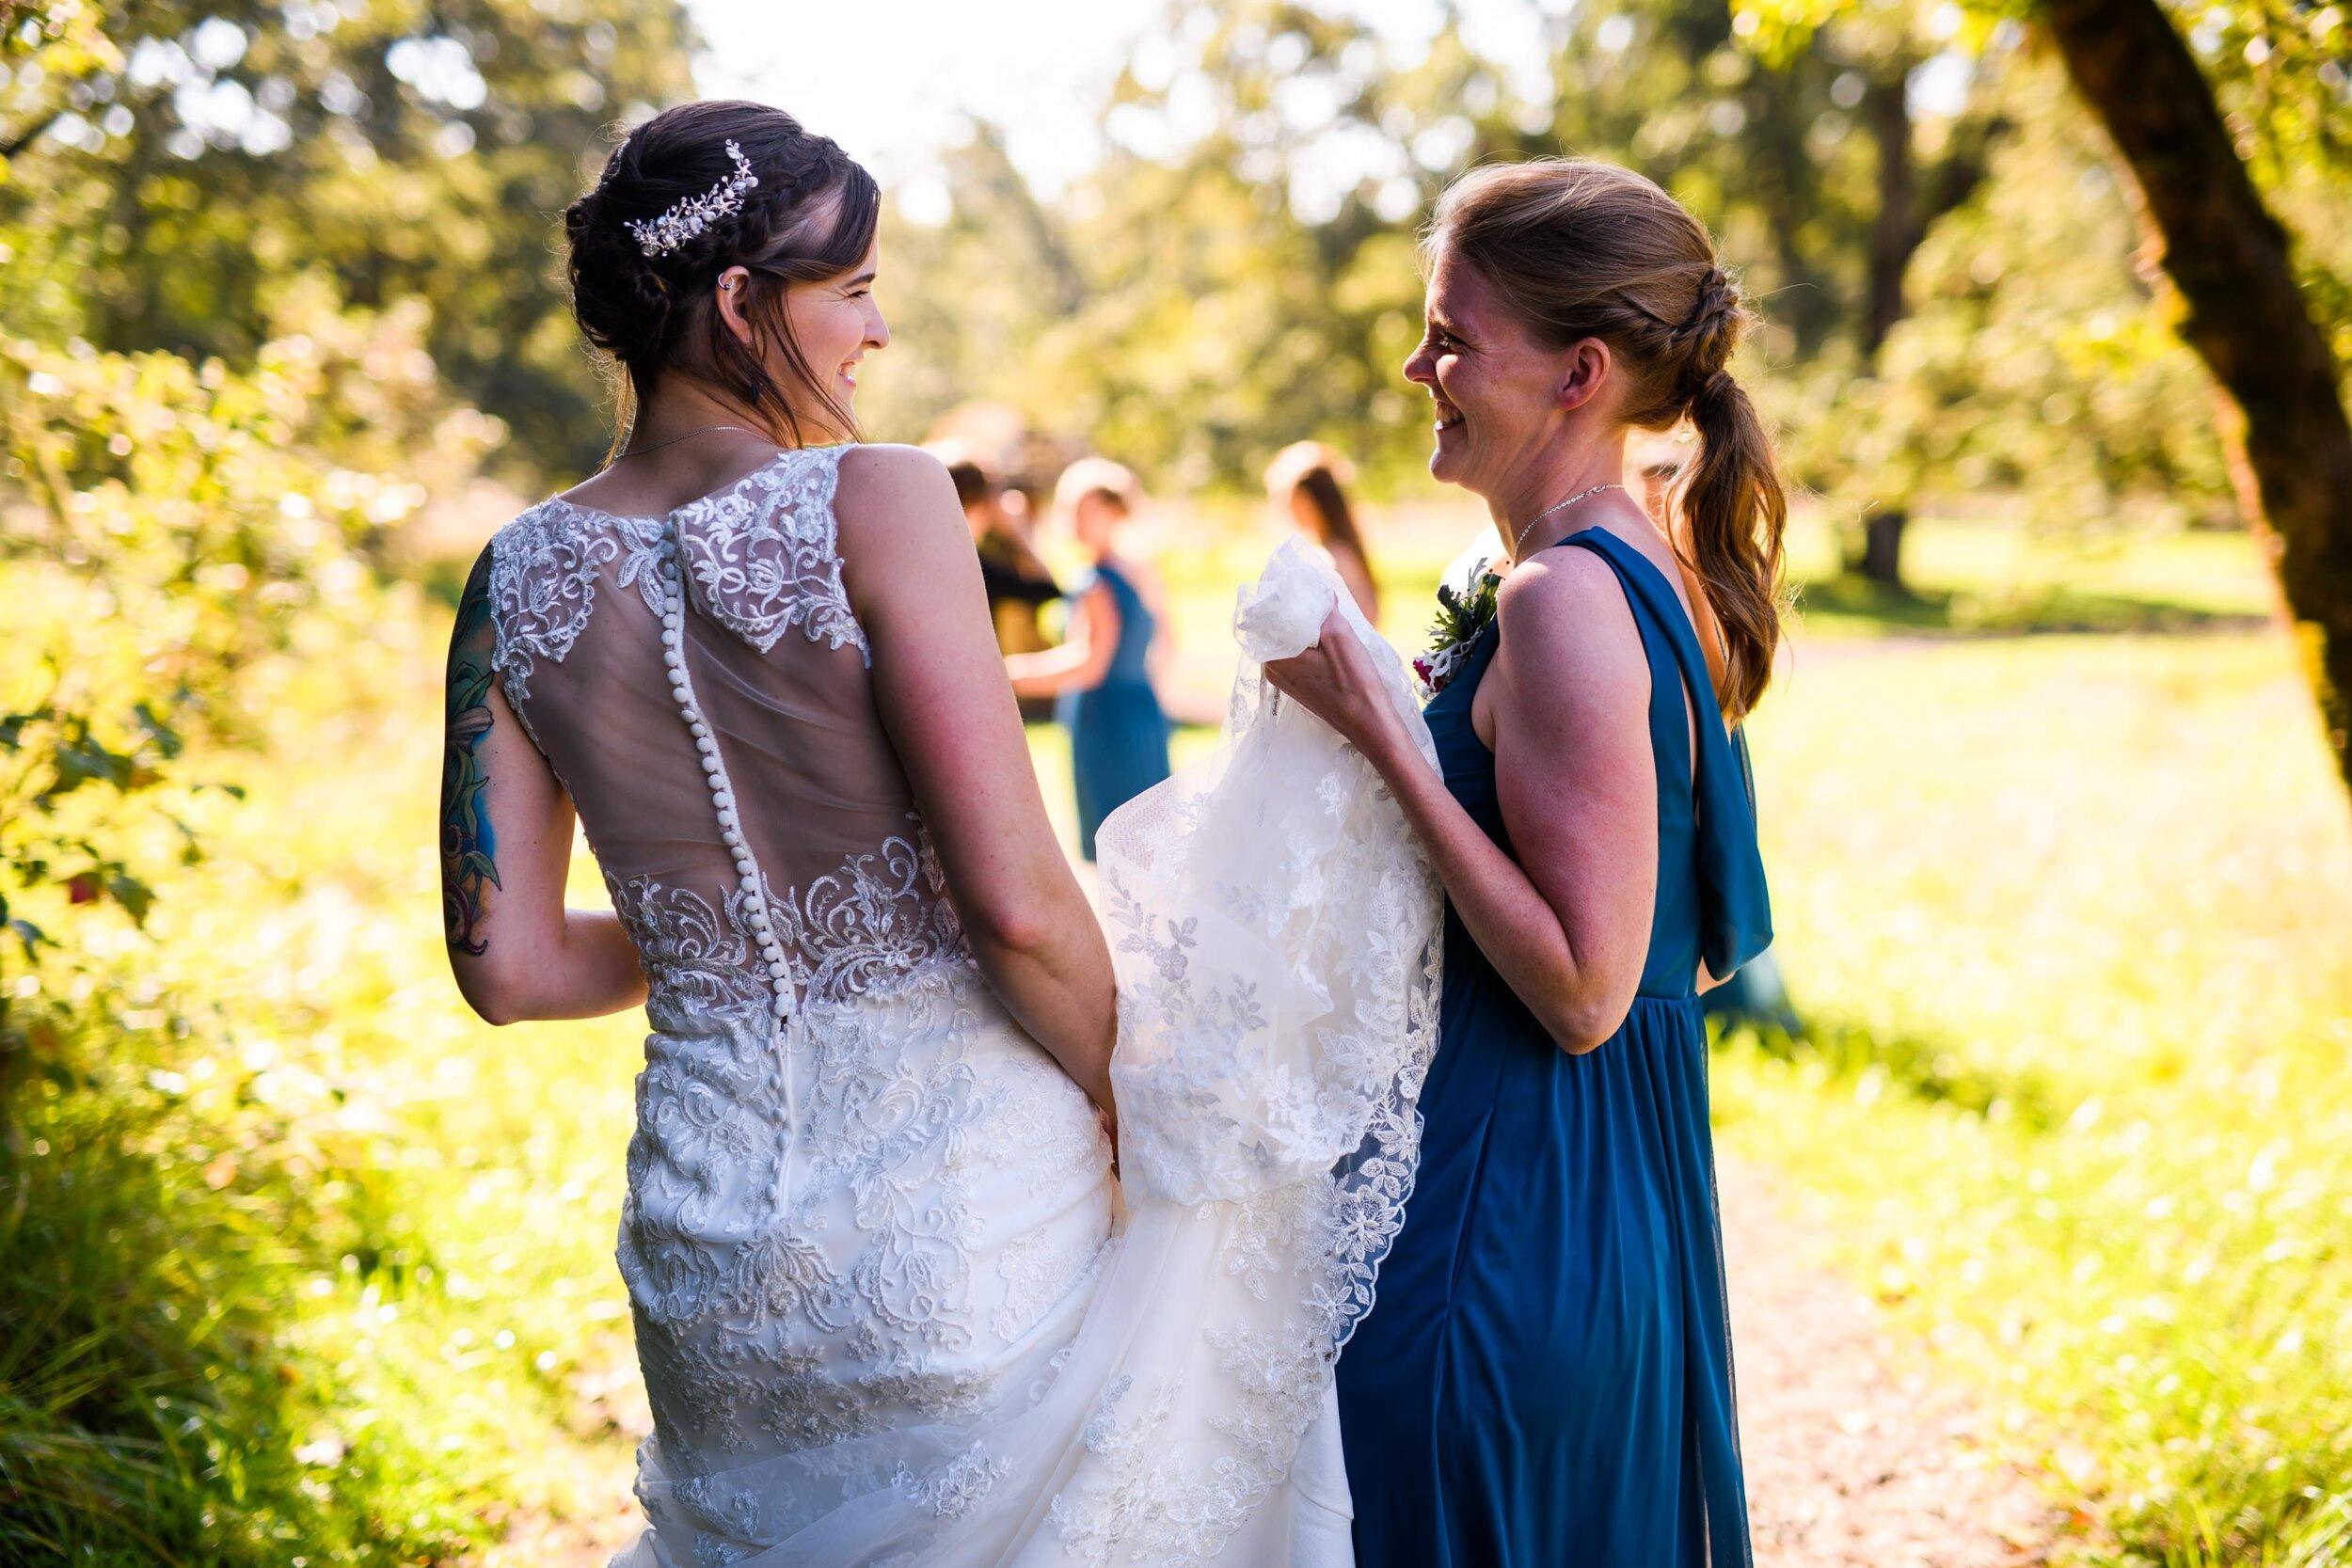 Mt. Pisgah Arboretum wedding photos 64.JPG